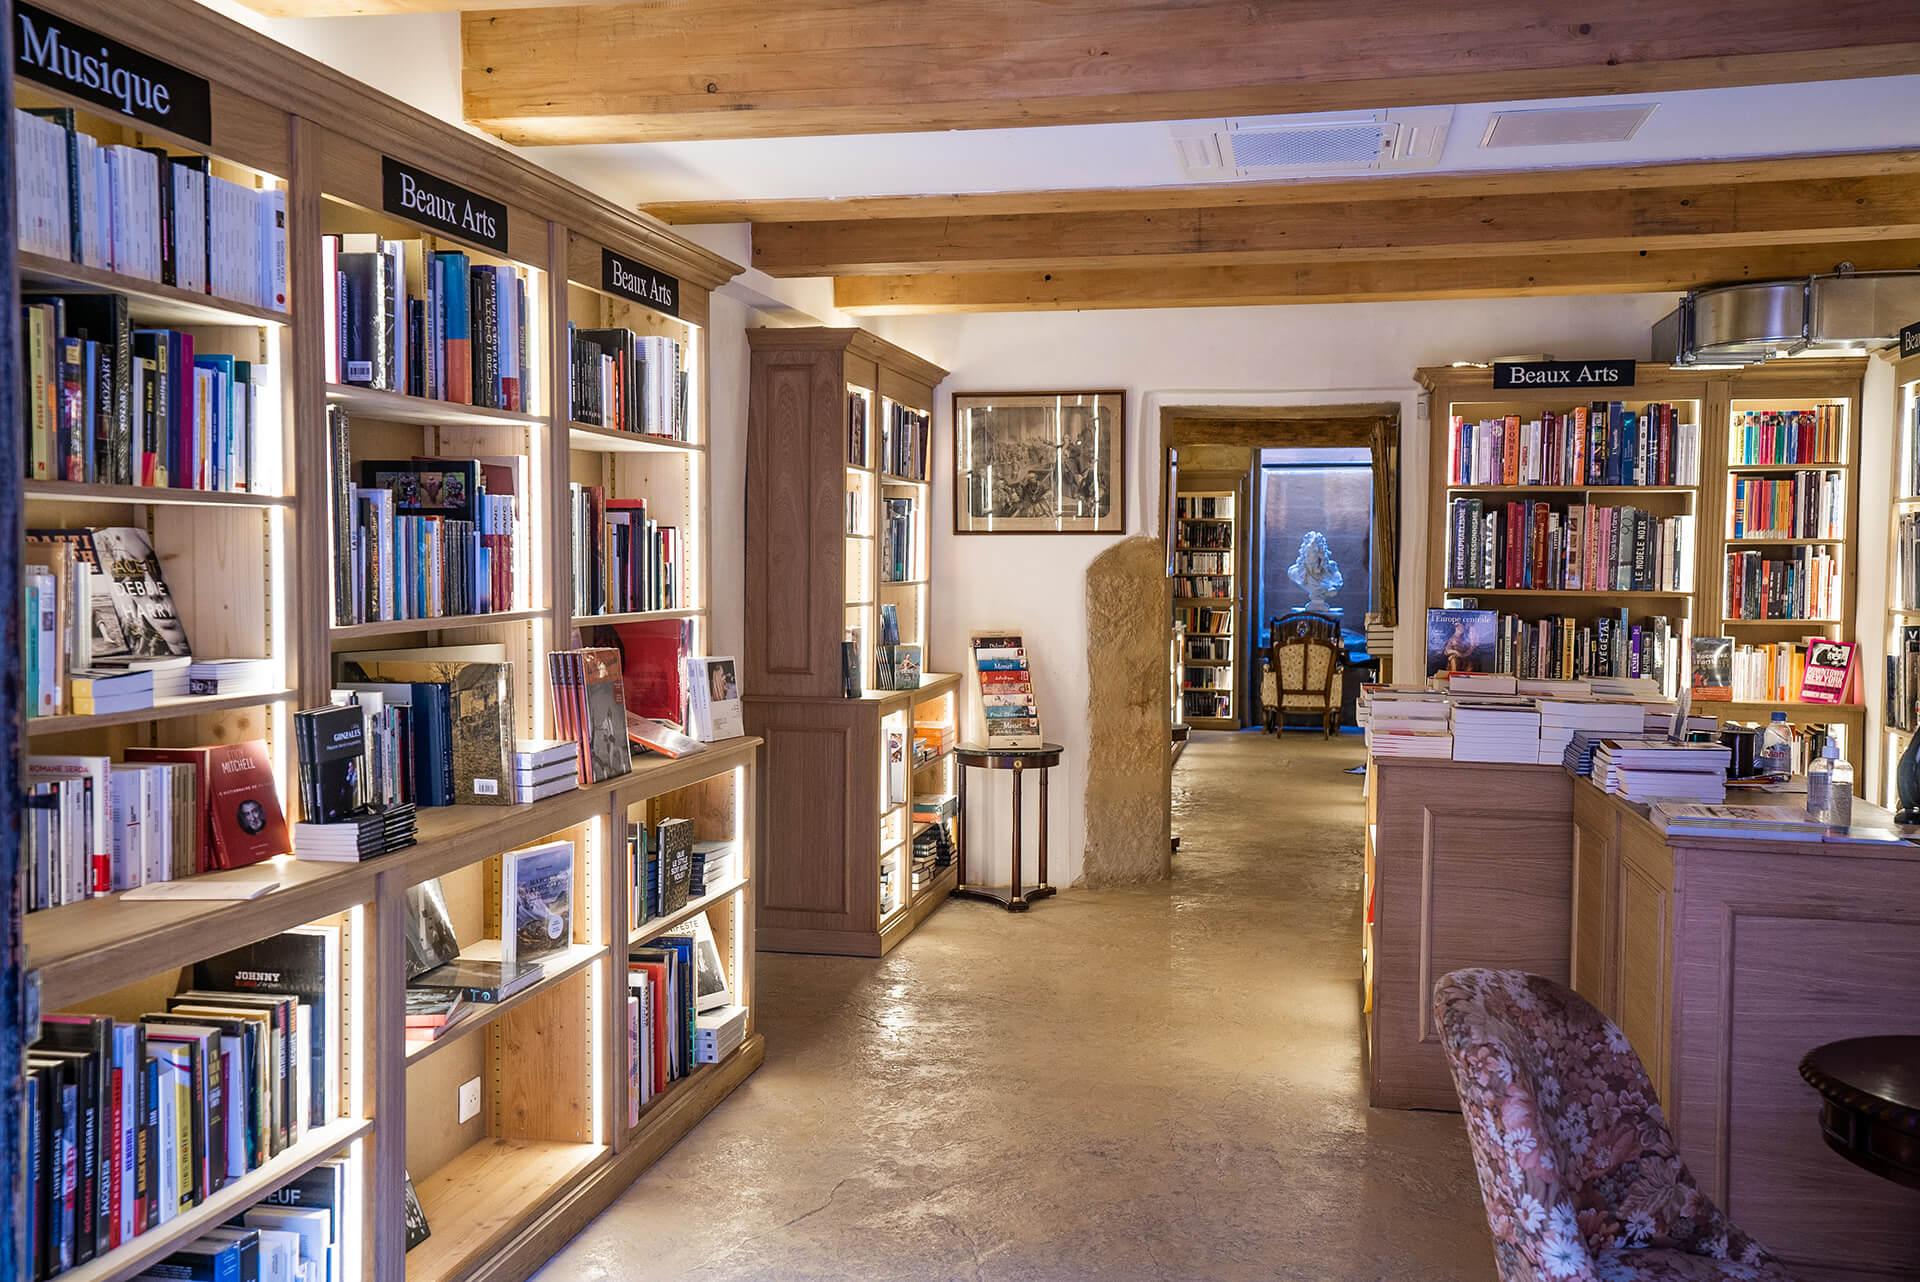 Librairie Aix